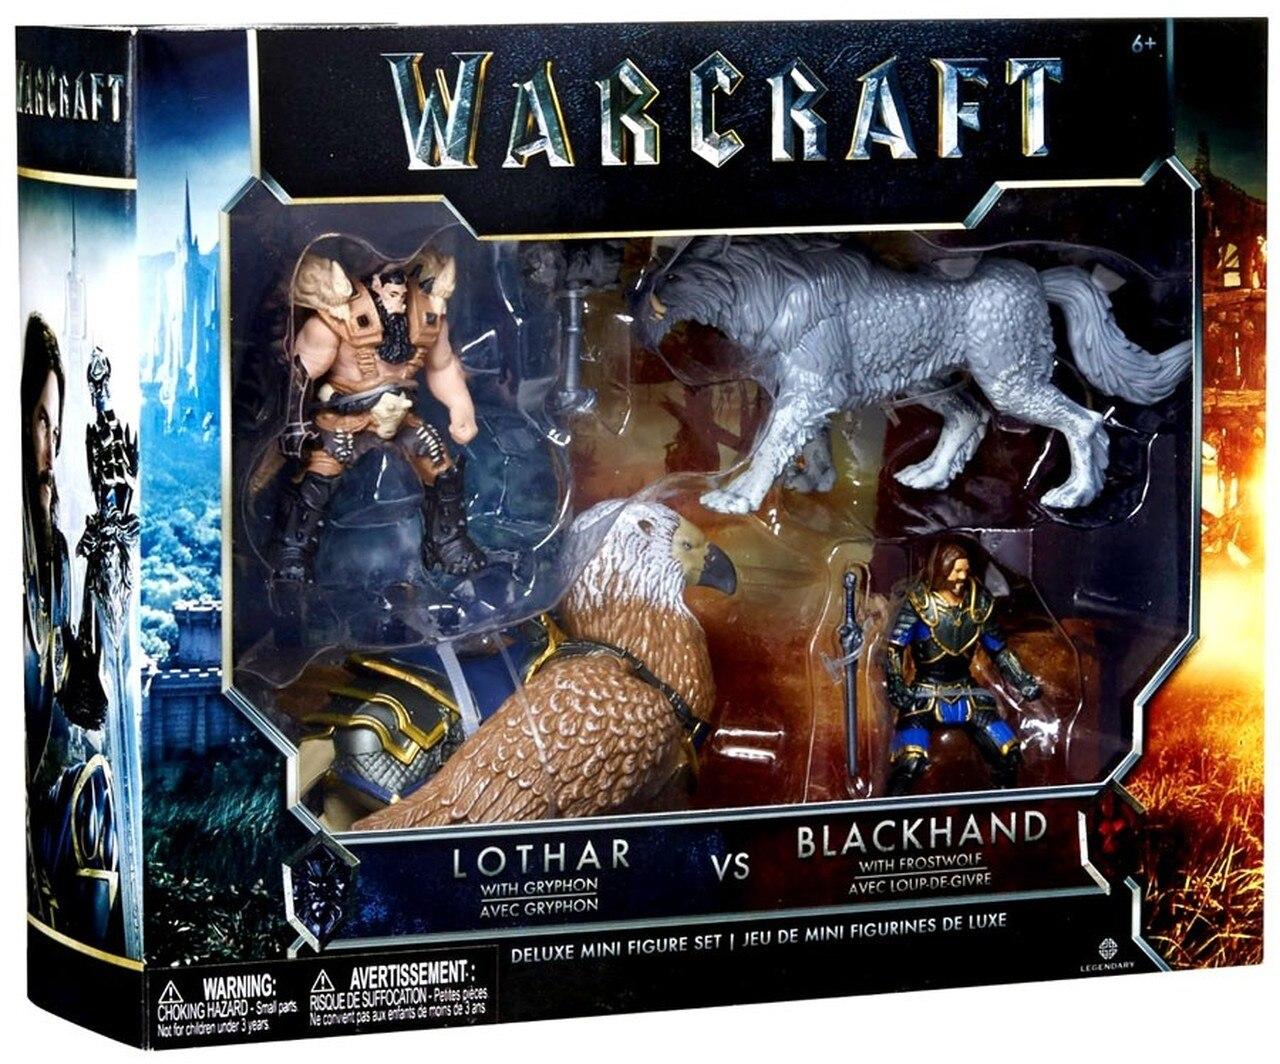 [Euroshop Bielefeld] bundesweit? Warcraft Spielfiguren Set Lothar vs Blackhand für 1,10€